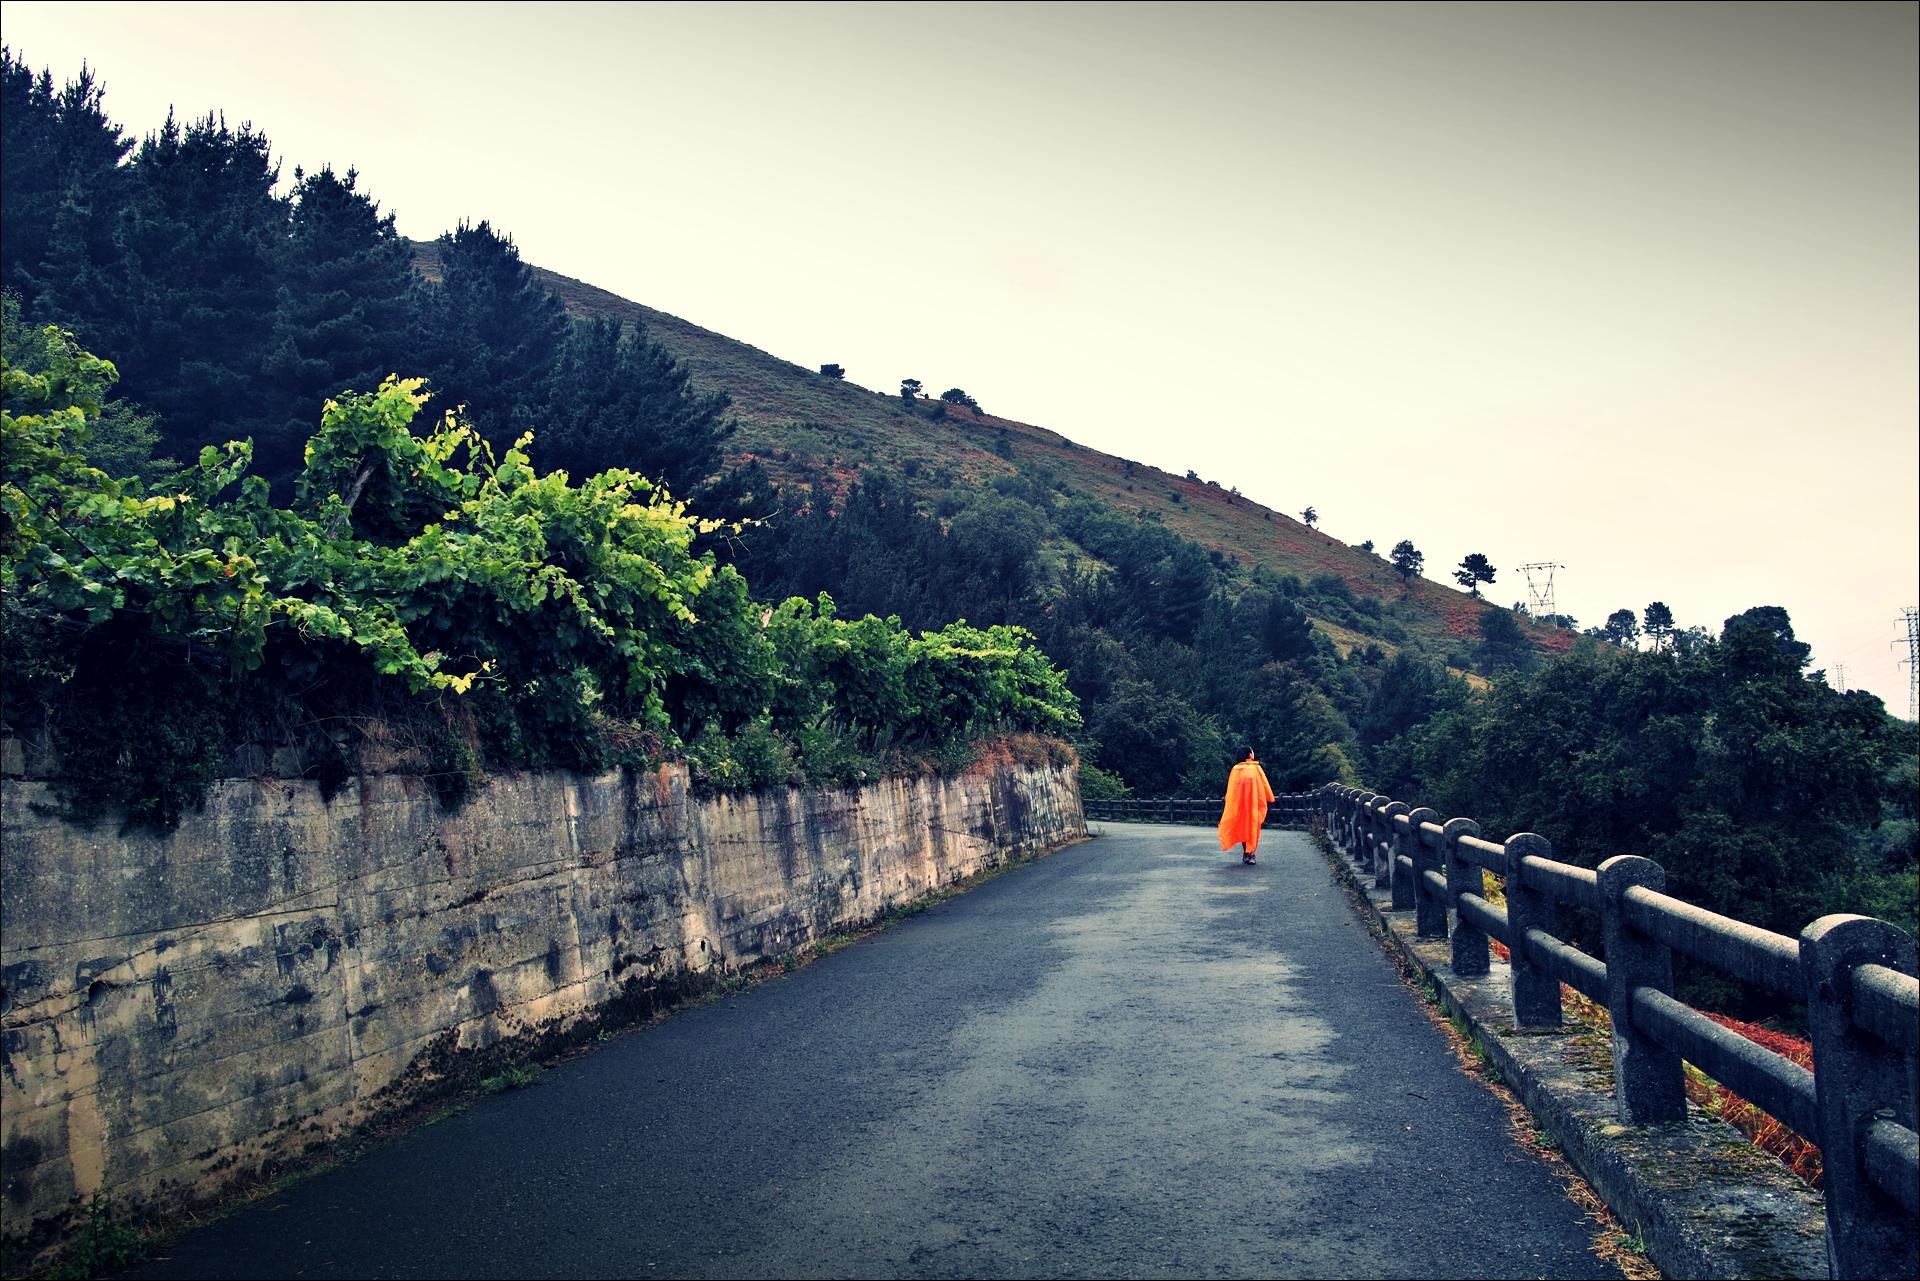 비가 내린 후-'카미노 데 산티아고 북쪽길. 빌바오에서 포르투갈레테. (Camino del Norte - Bilbao to Portugalete)'